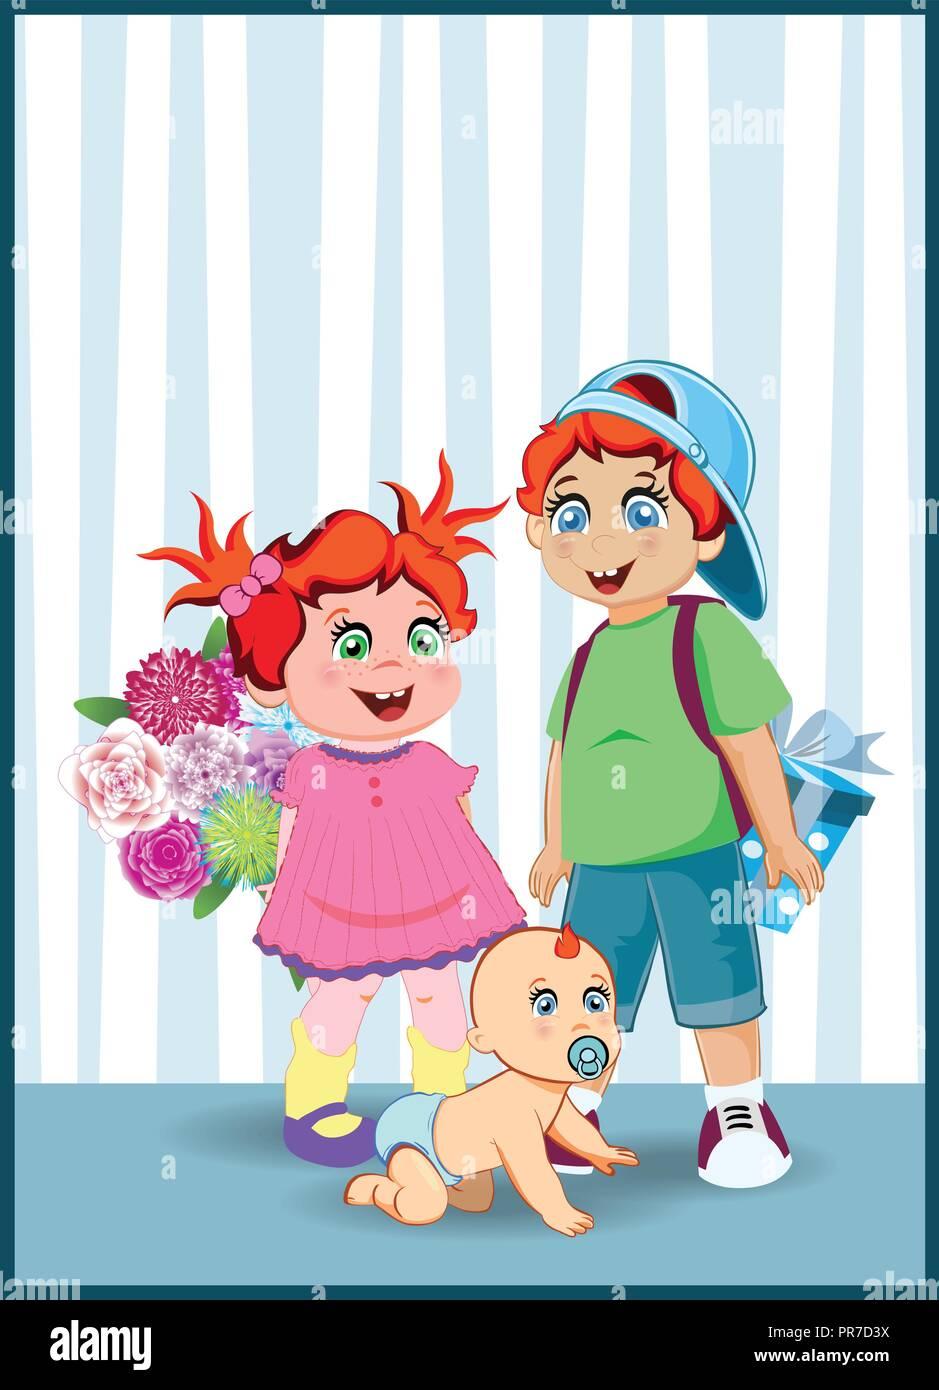 Ilustración Vectorial De Dibujos Animados De Niños Pequeños Y